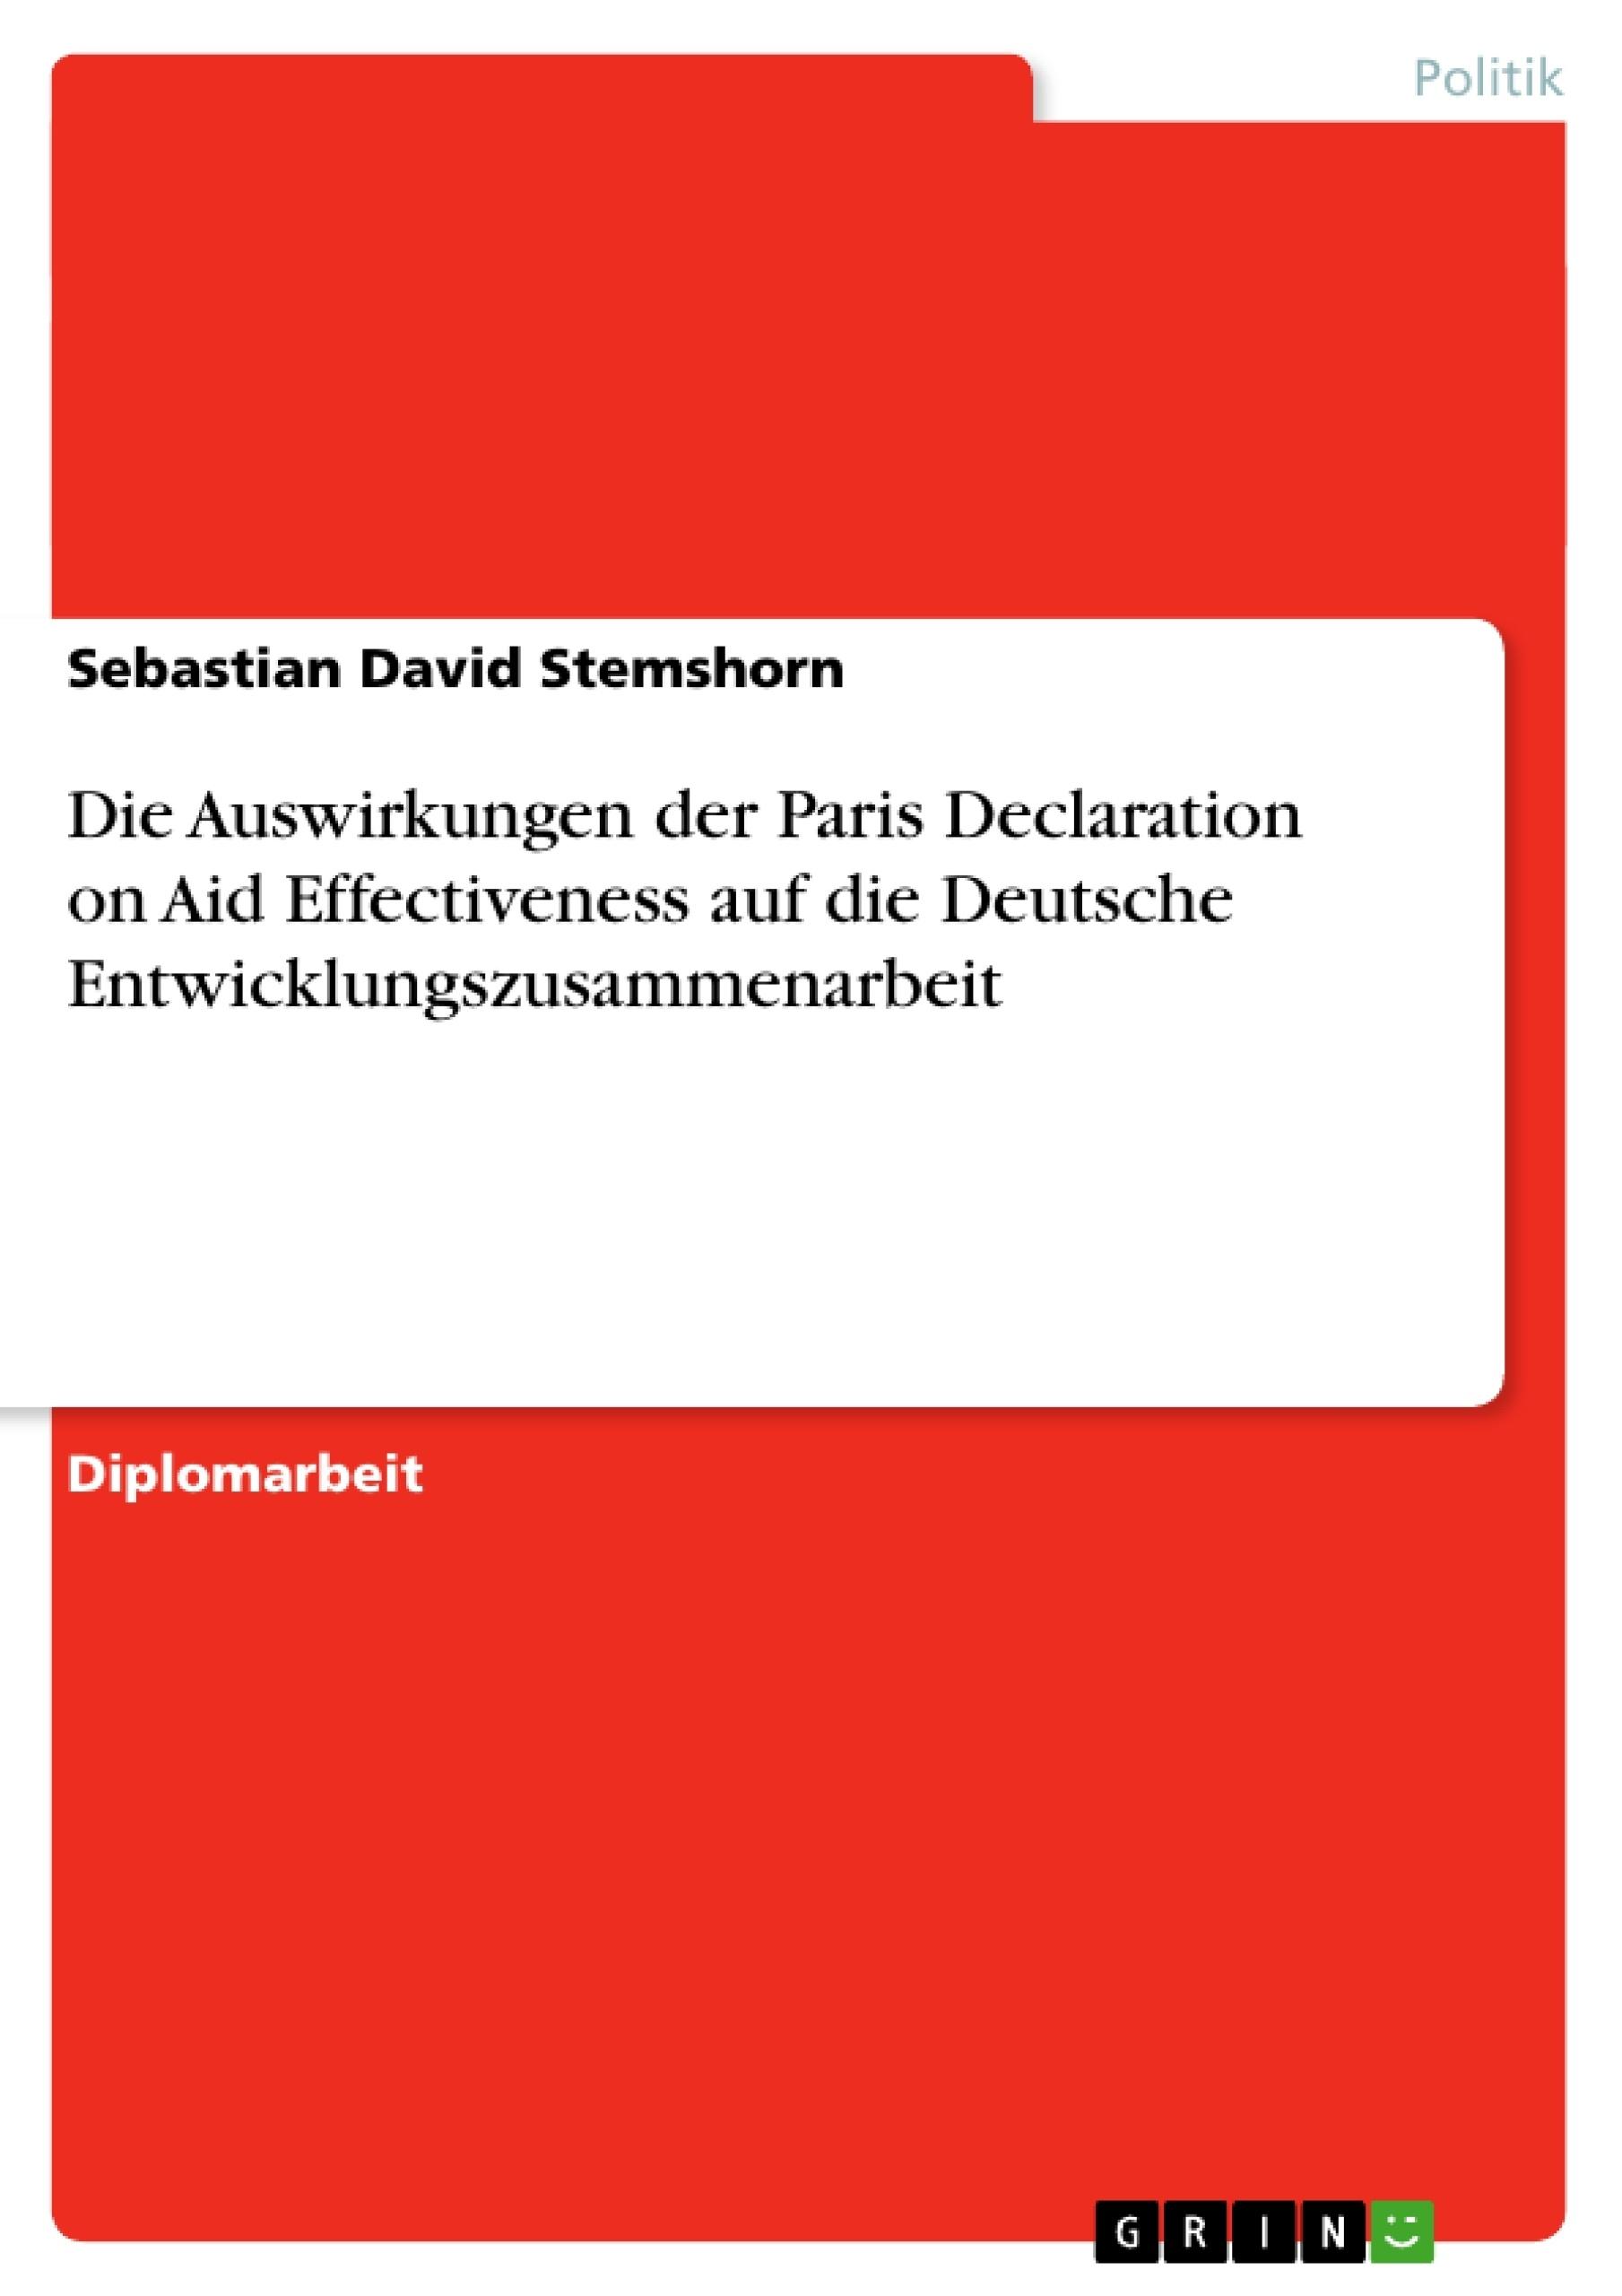 Titel: Die Auswirkungen der Paris Declaration on Aid Effectiveness auf die Deutsche Entwicklungszusammenarbeit